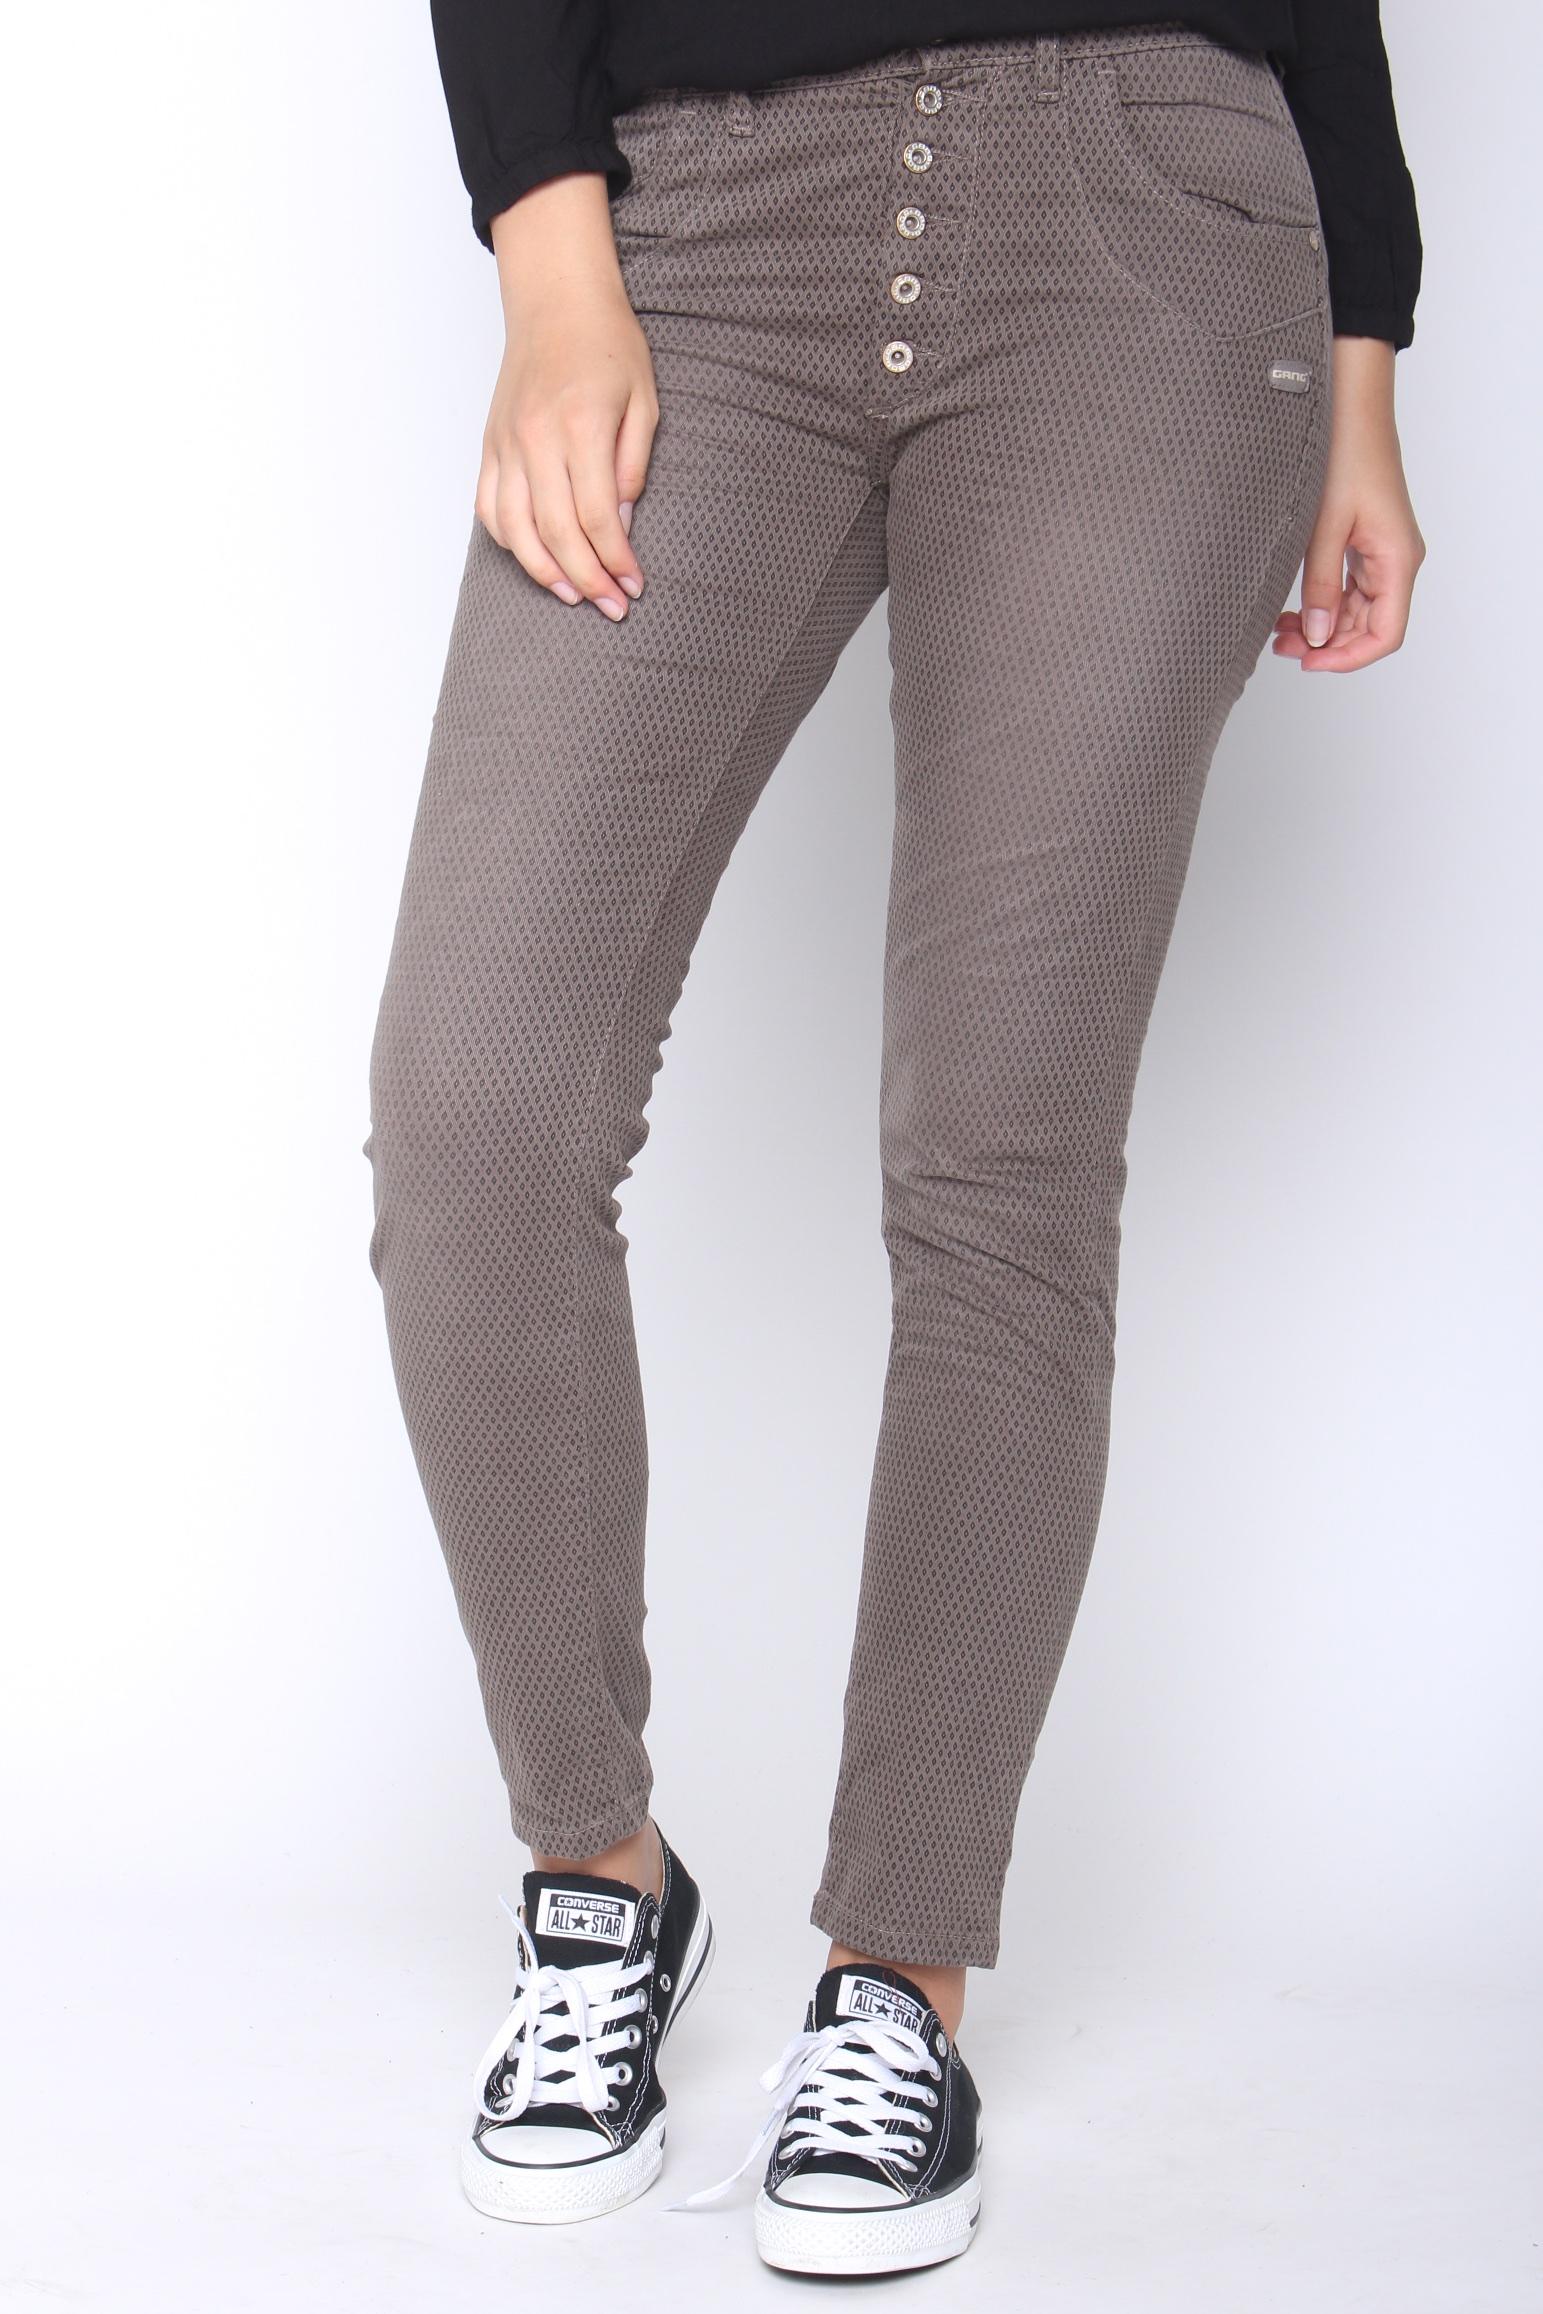 jeans hosen f r damen online kaufen versandkostenfrei. Black Bedroom Furniture Sets. Home Design Ideas